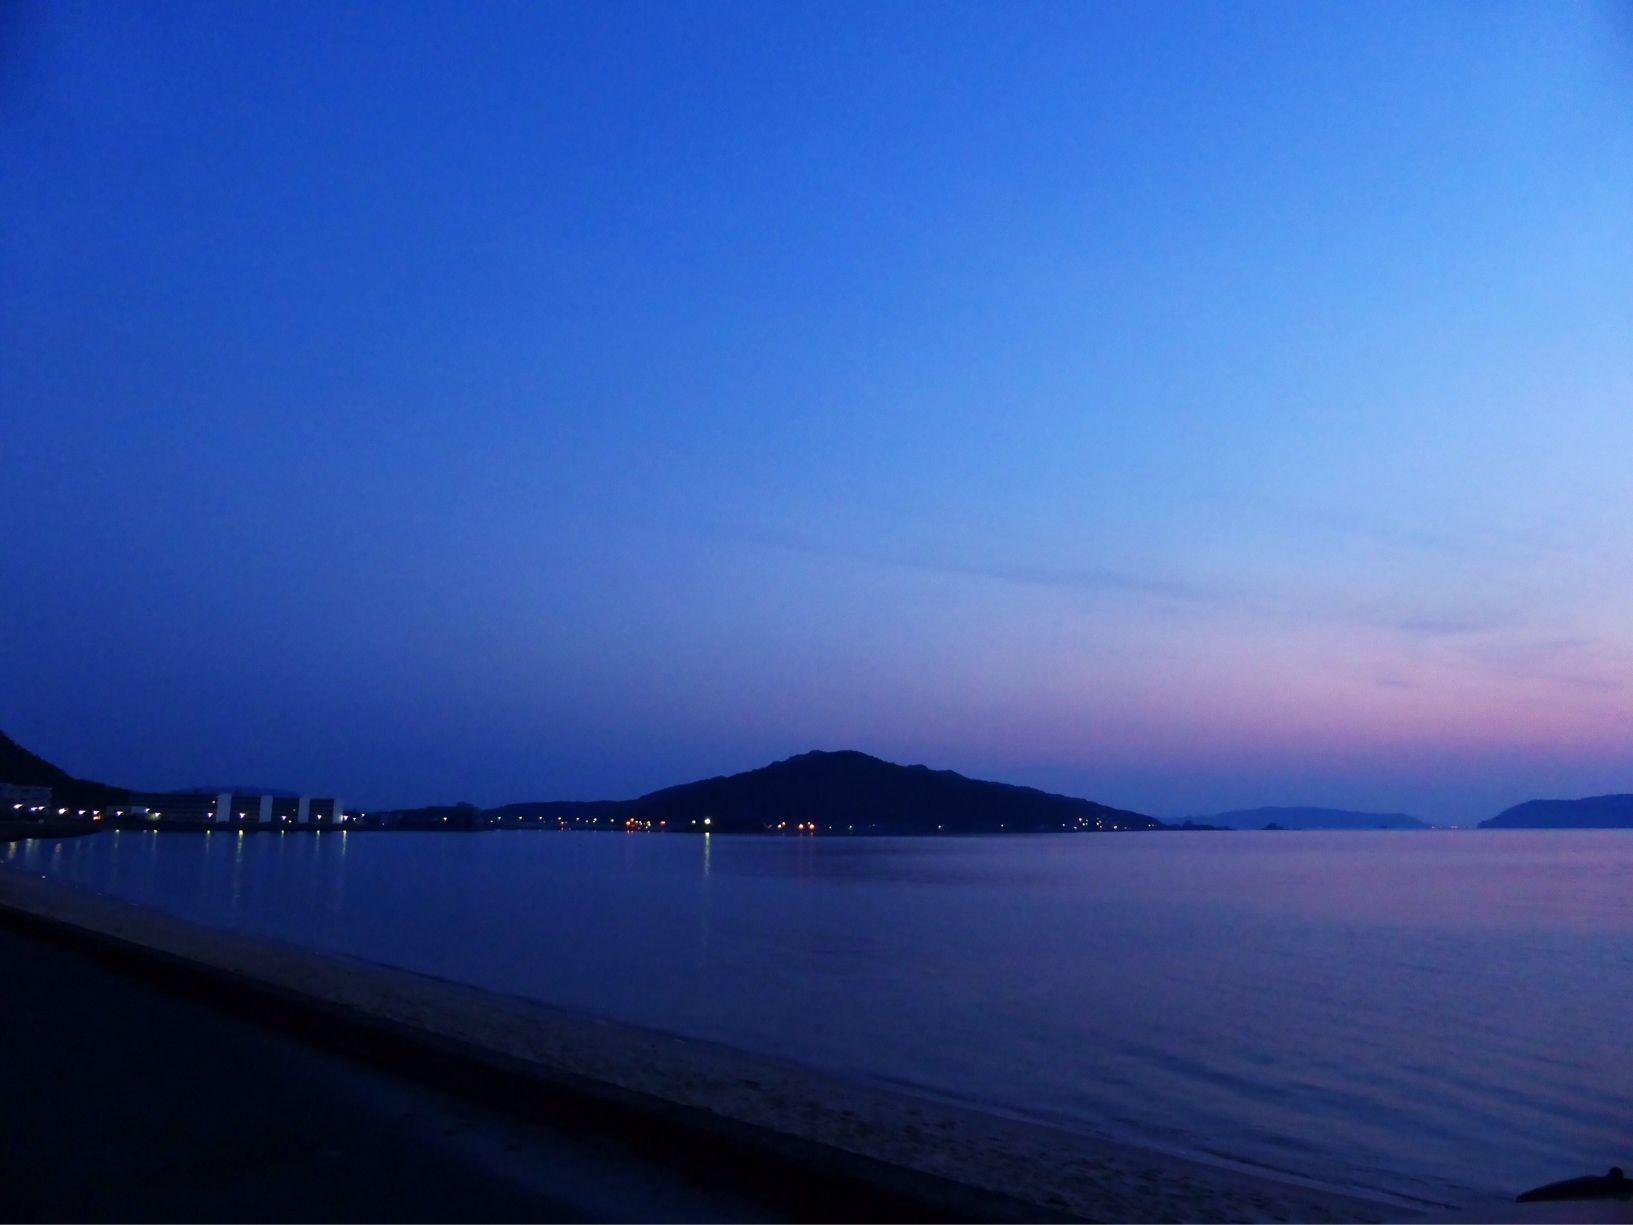 ( Morning Now at Hakata bay in Japan ) 5:02光が東から西へと流れ込む薄明(dawn)の博多湾です。